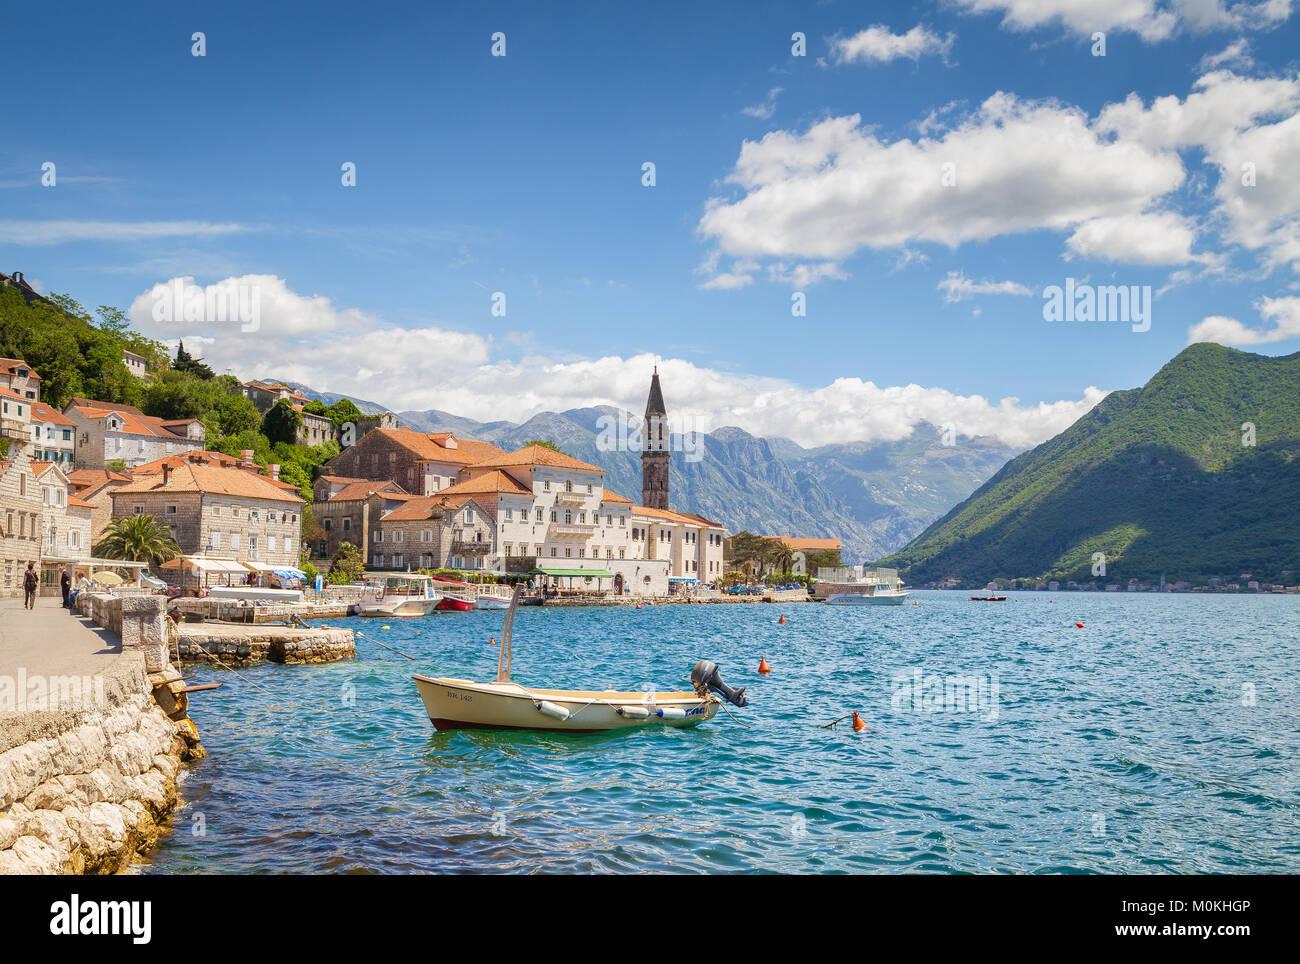 Vista clásica de la ciudad histórica de Perast situado en la mundialmente famosa bahía de Kotor en un hermoso día Foto de stock